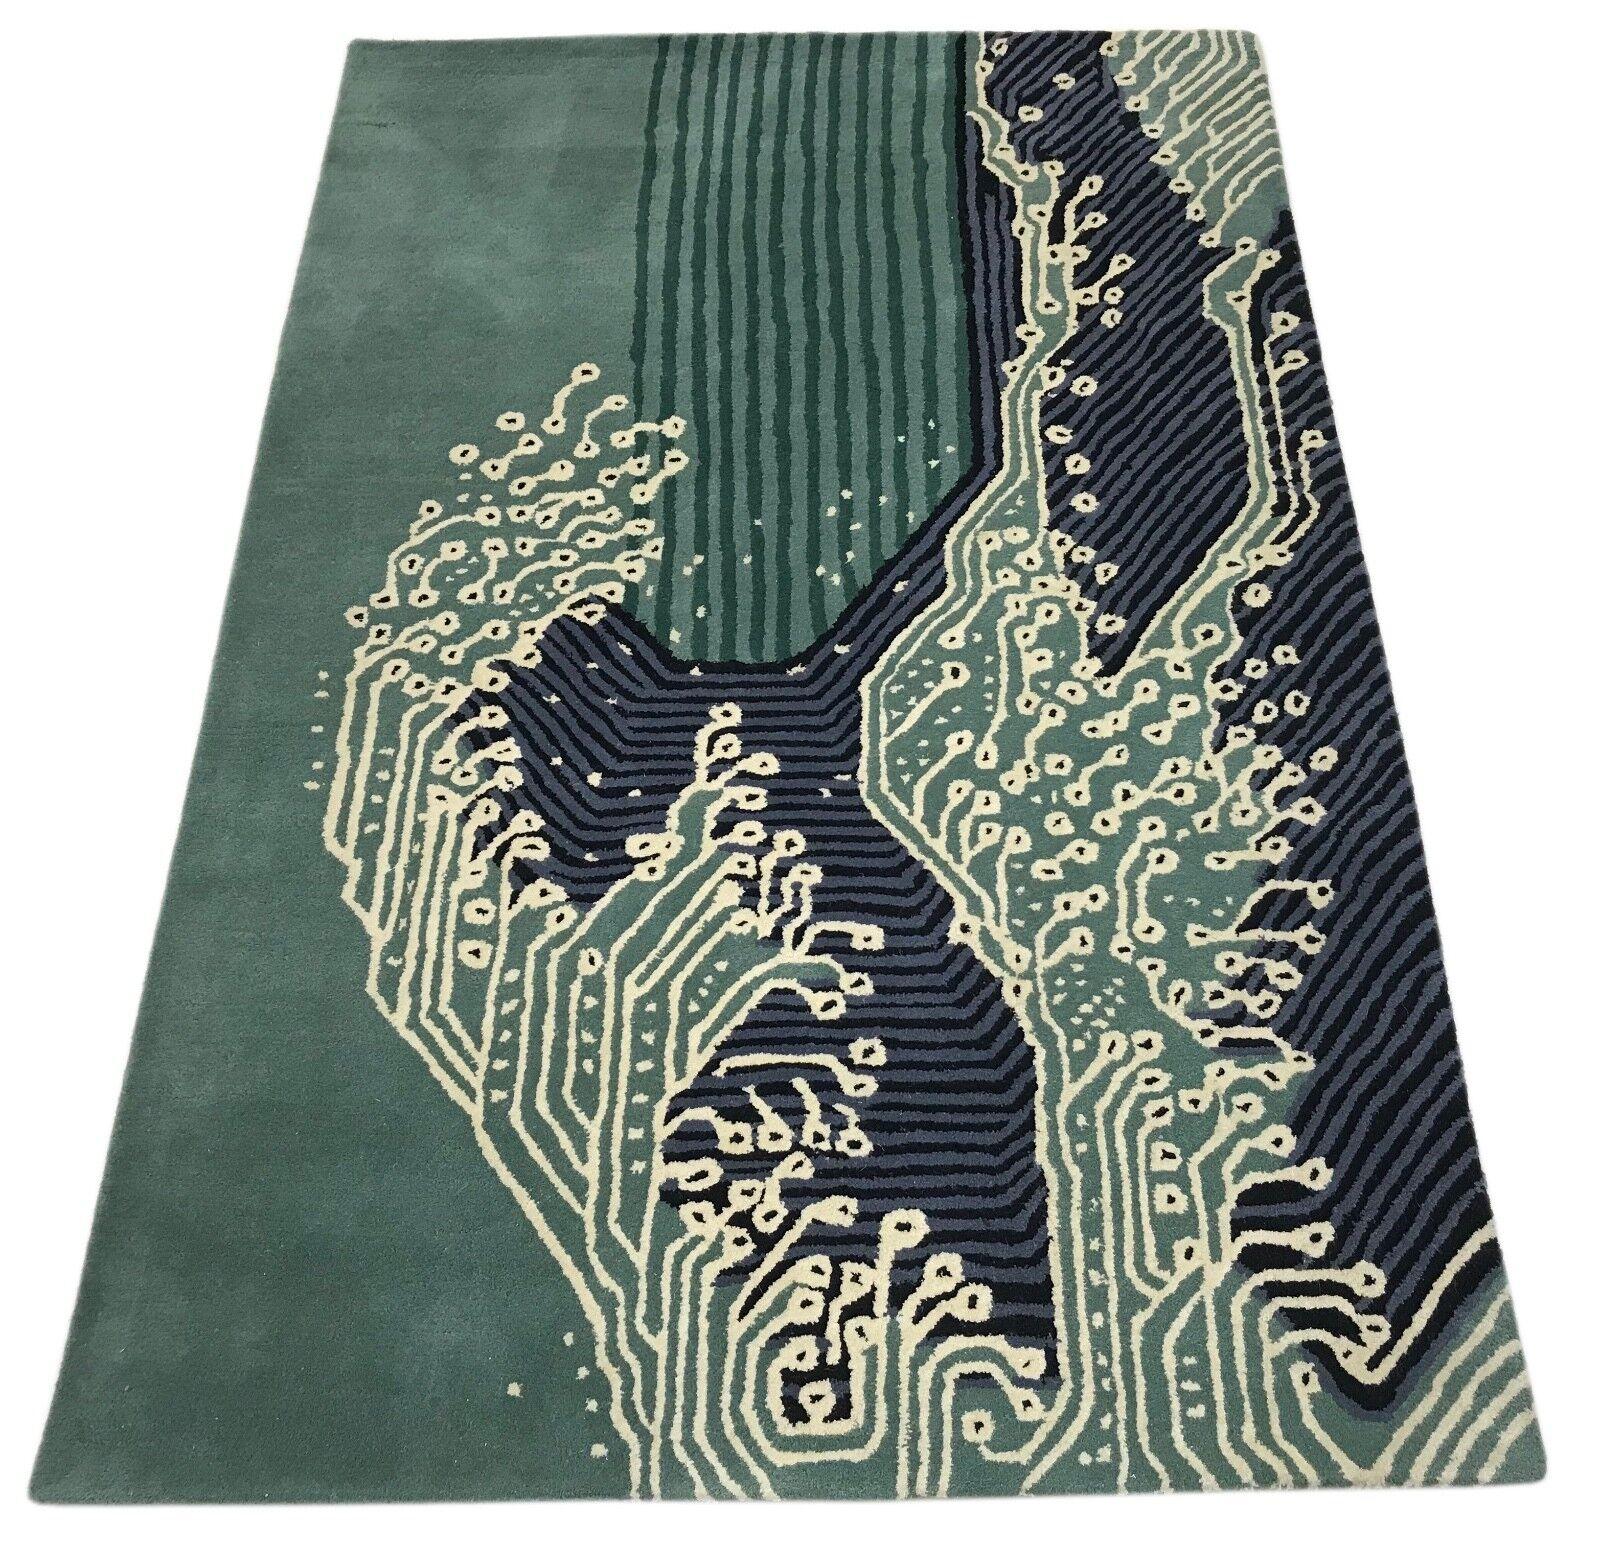 Designer Tapis Tapis Tapis 120x180 cm à la main ~ 100% Laine-handgetuftet carte mère   Expédition Rapide  9d7e16